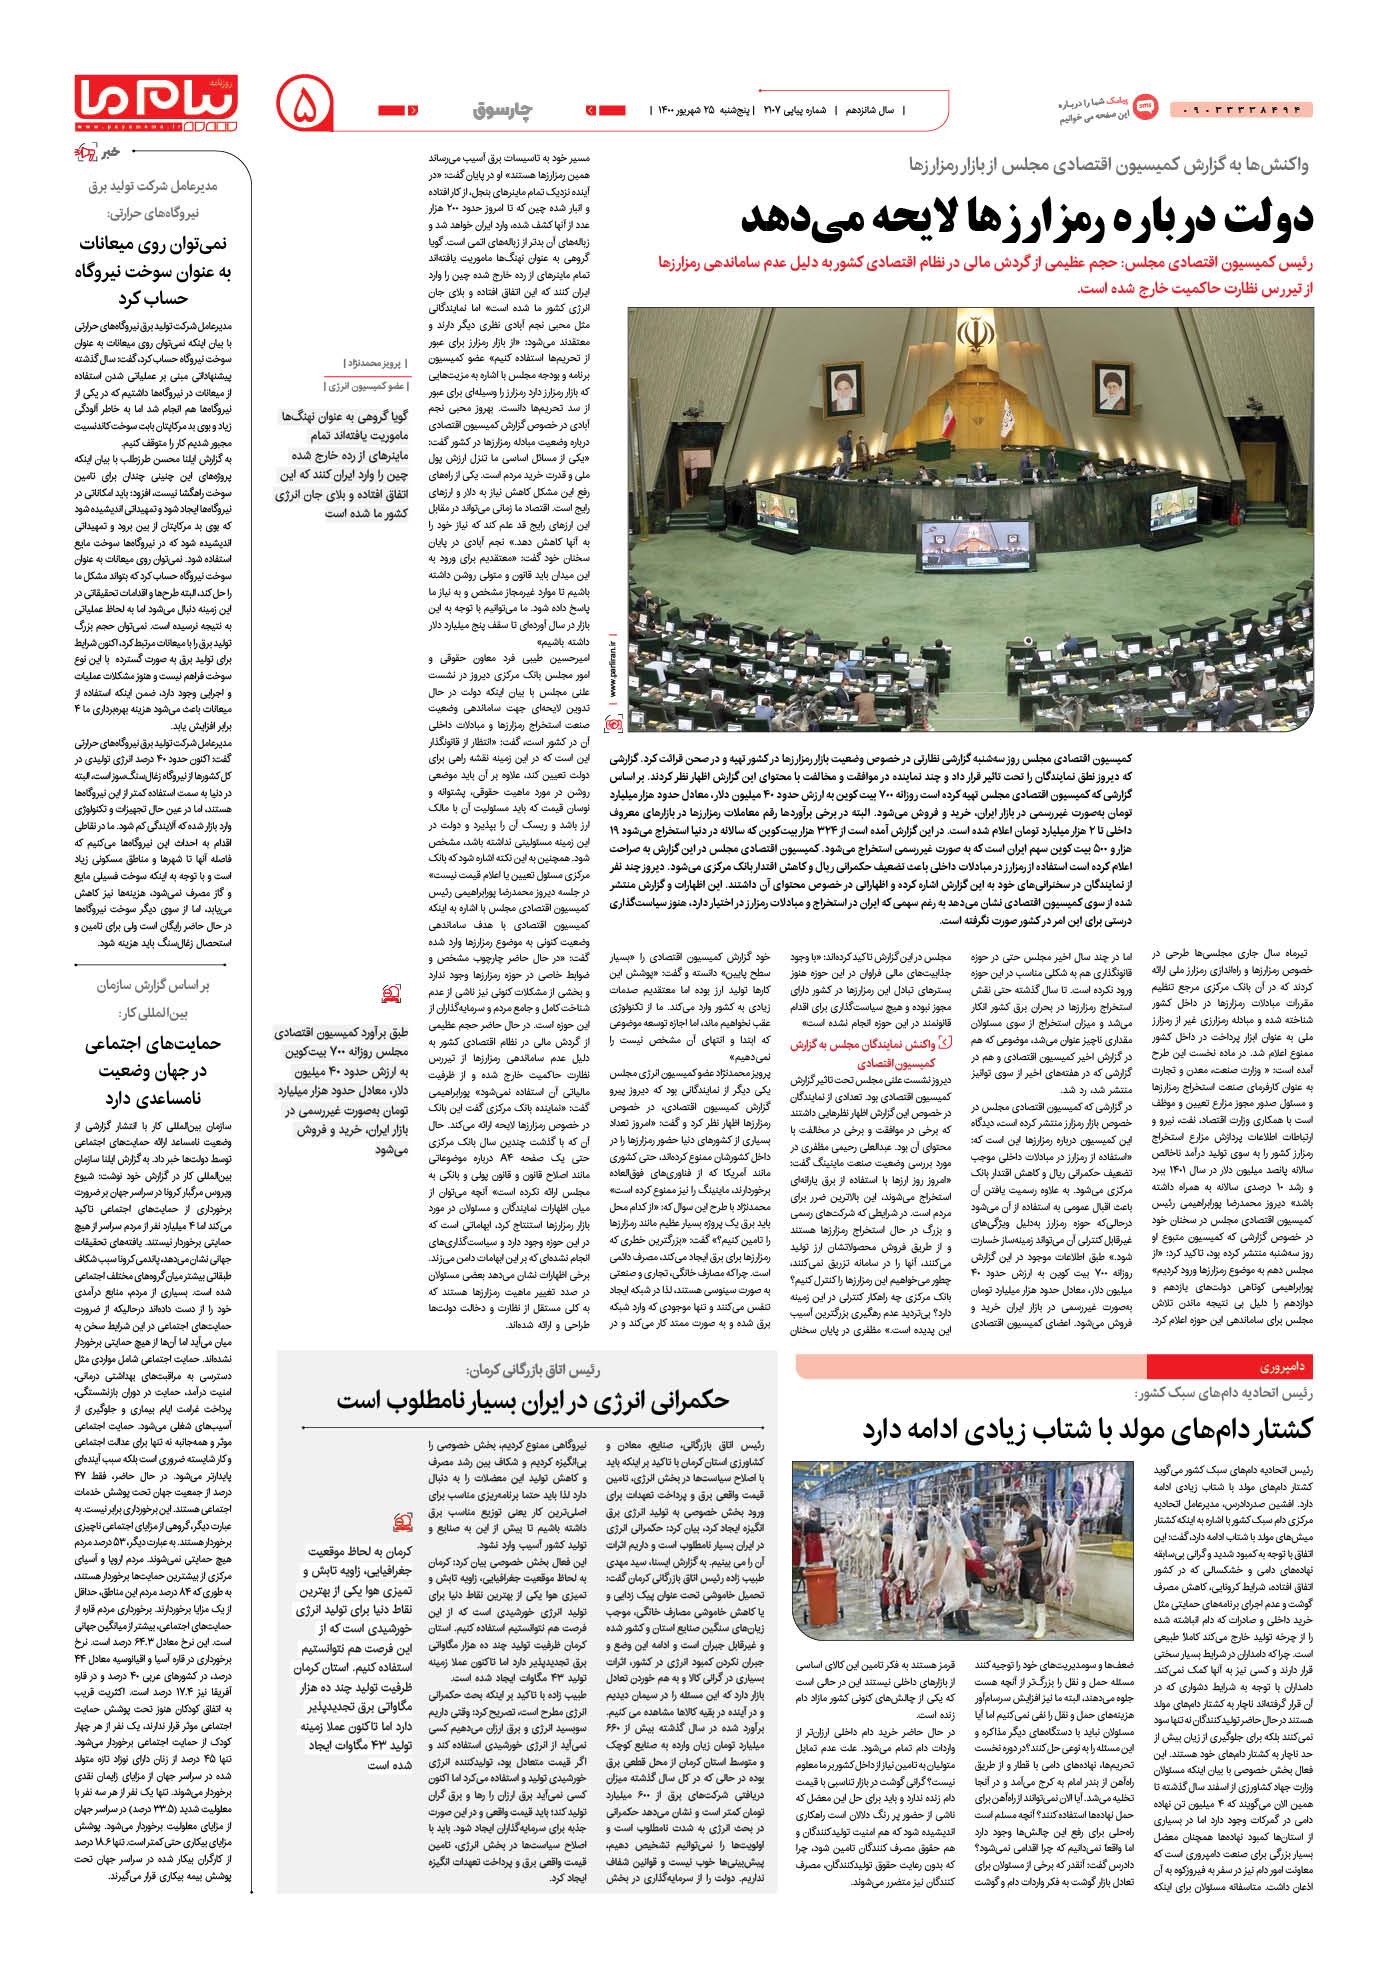 صفحه چارسوق شماره 2107 روزنامه پیام ما